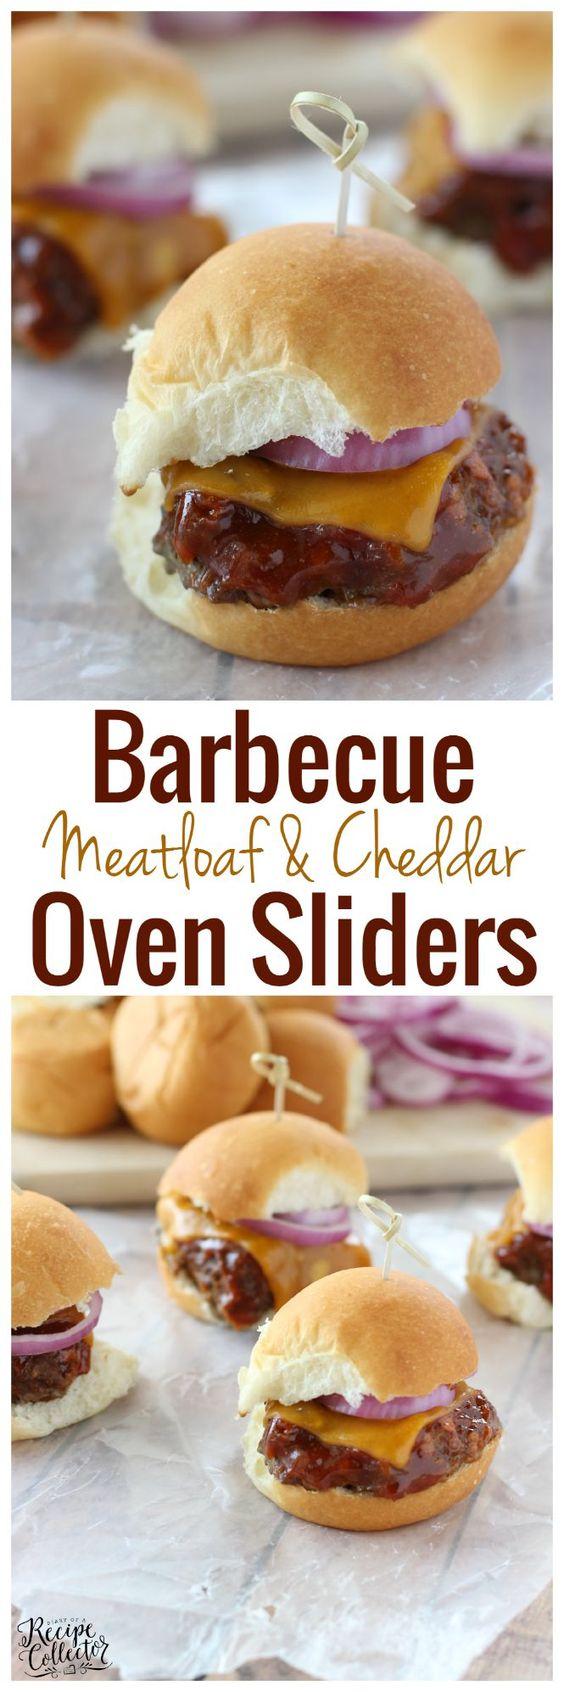 Barbecue Meatloaf & Cheddar Oven Sliders | Recipe | Sliders Burger ...